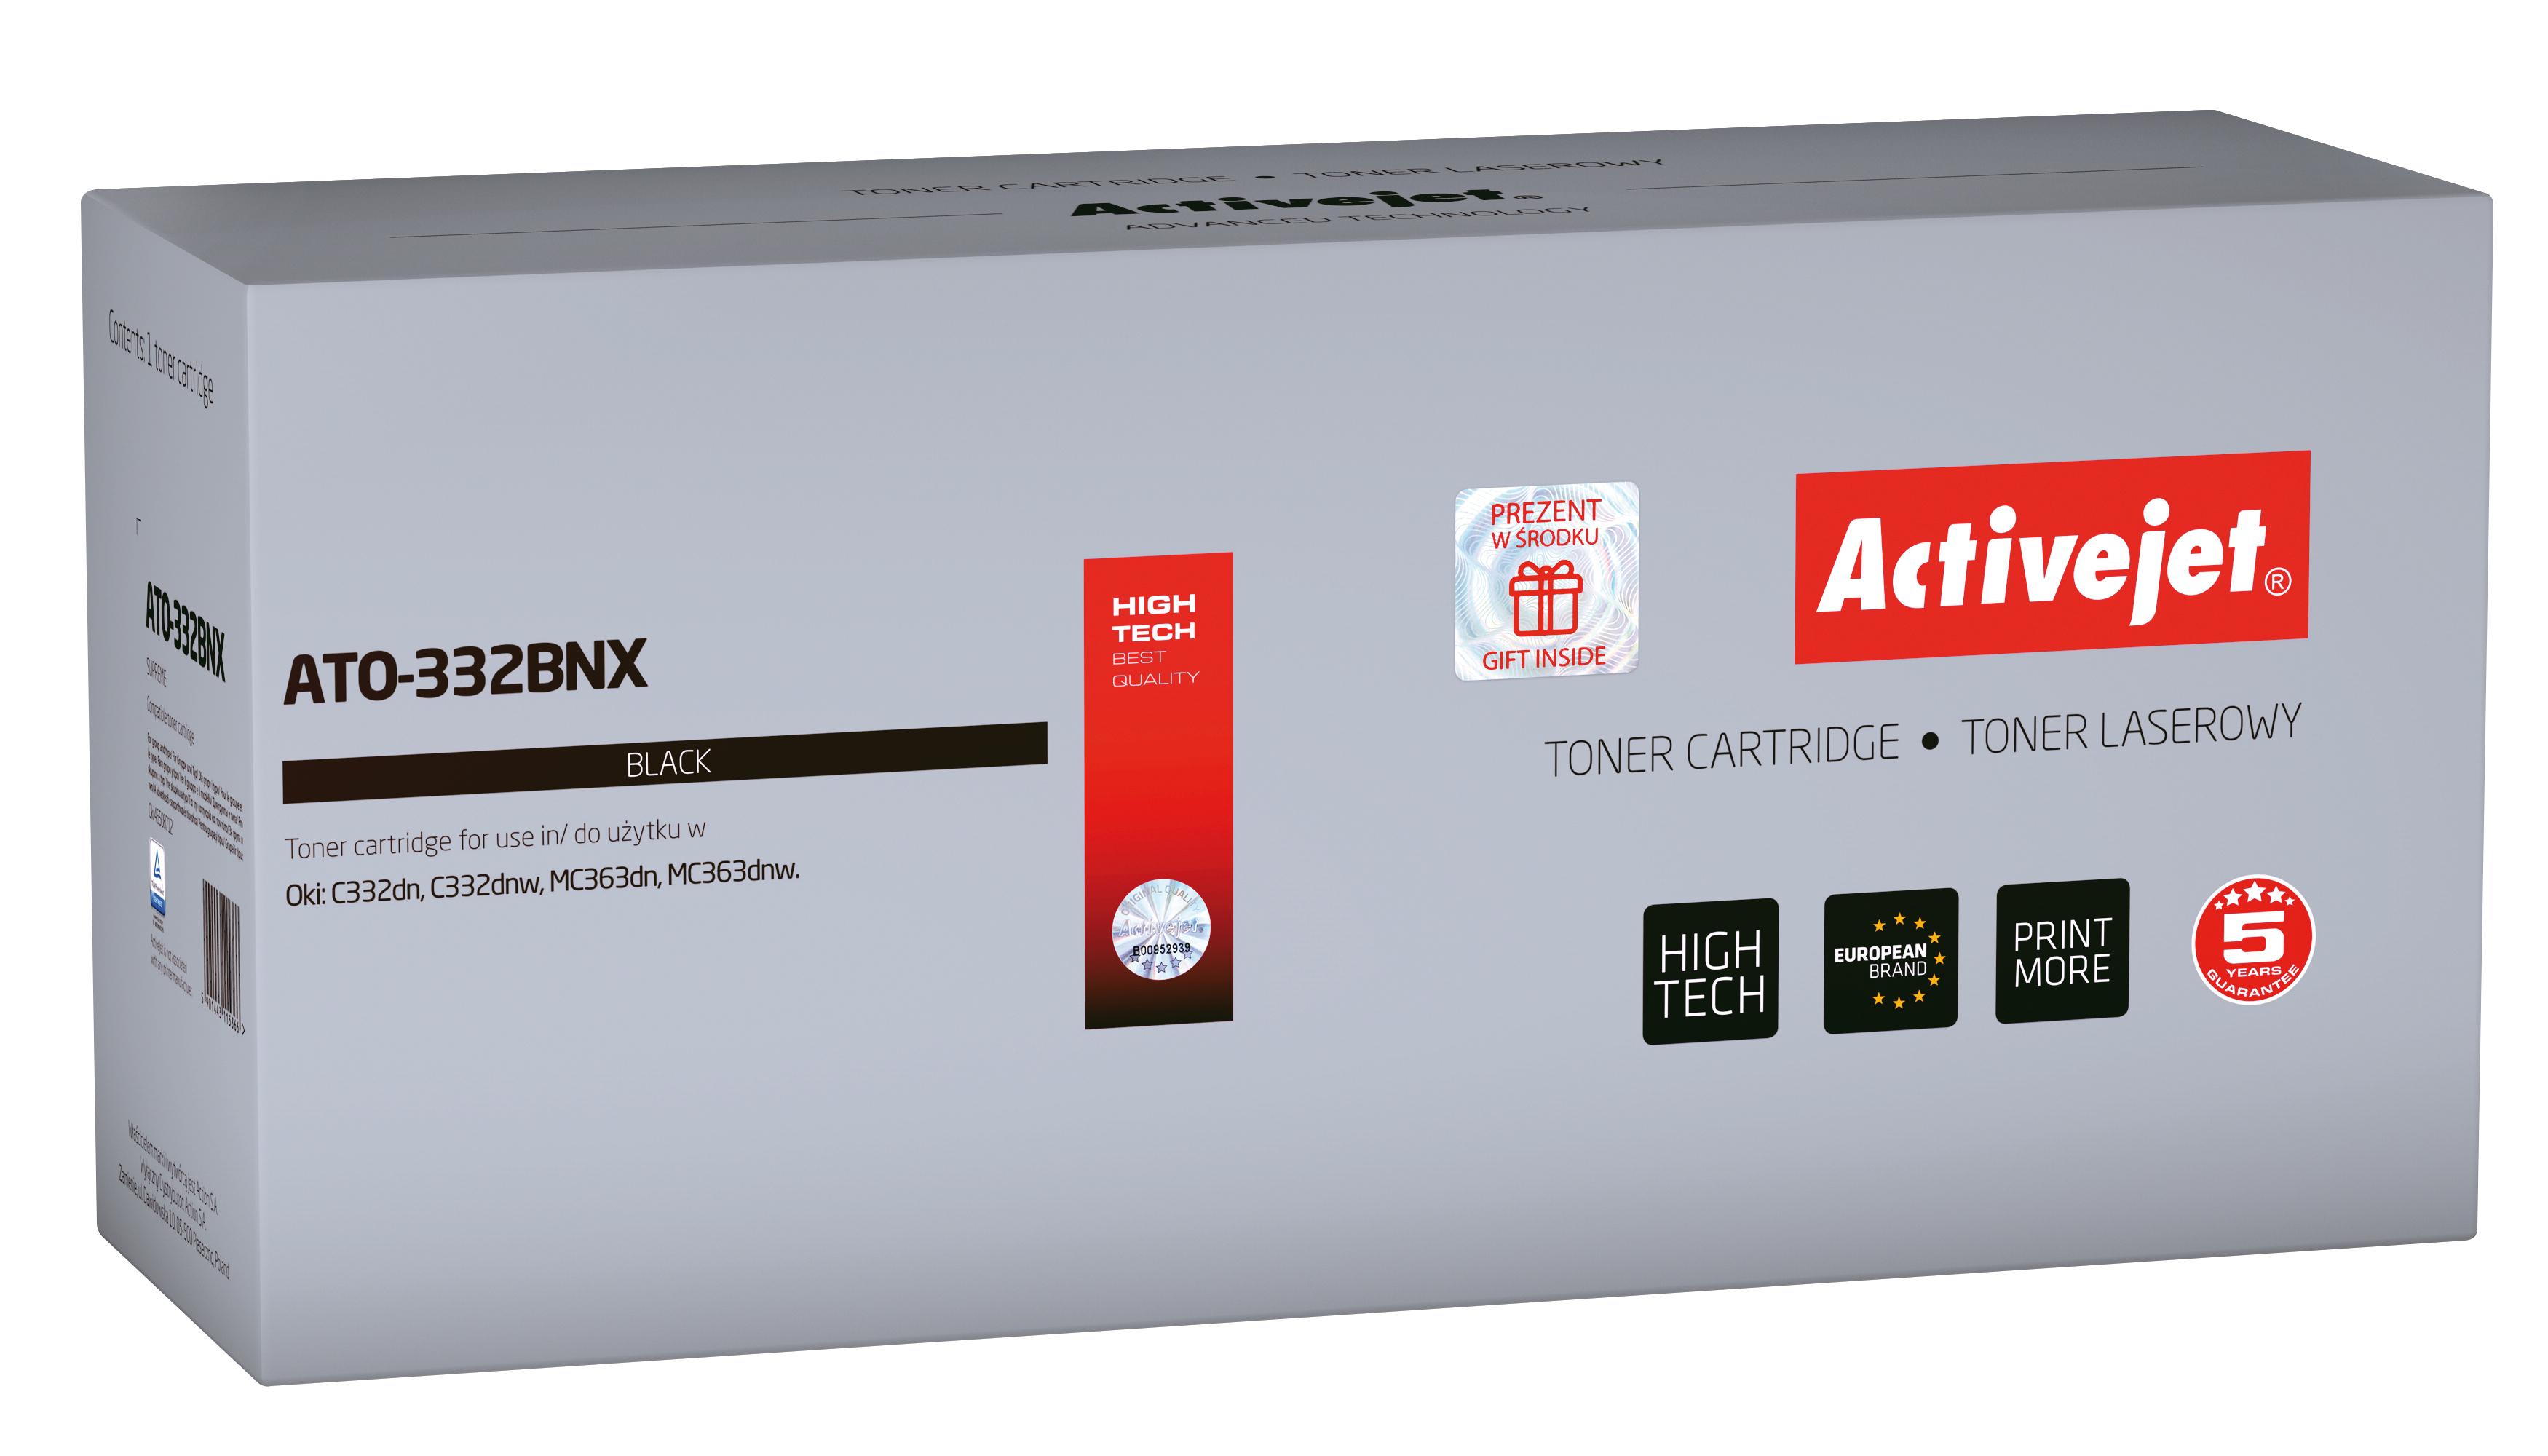 Toner Activejet  ATO-332BNX do drukarki OKI, Zamiennik OKI 46508712; Supreme; 3500 stron; Czarny.